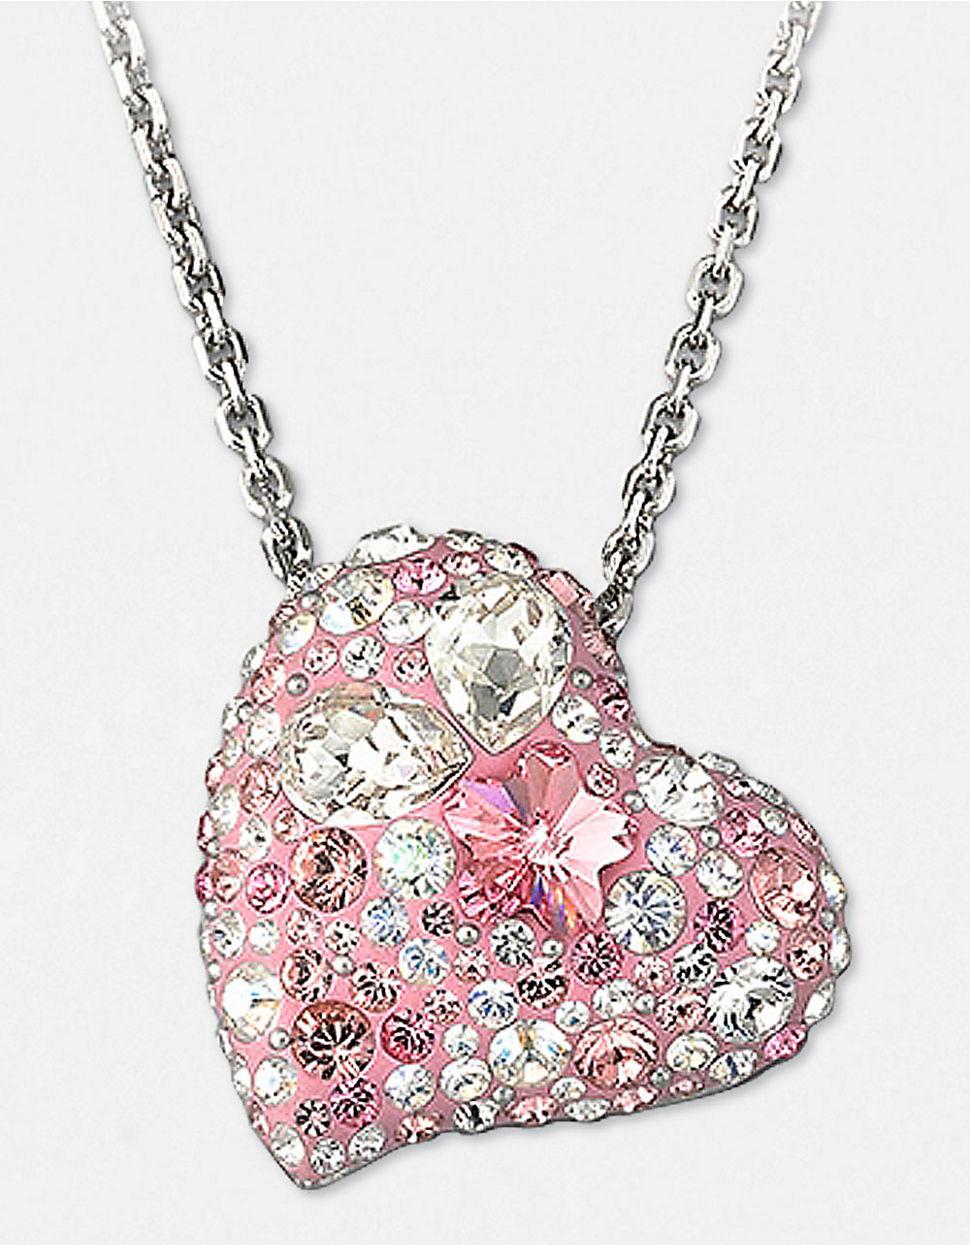 lyst swarovski alana crystal heart pendant necklace in pink. Black Bedroom Furniture Sets. Home Design Ideas